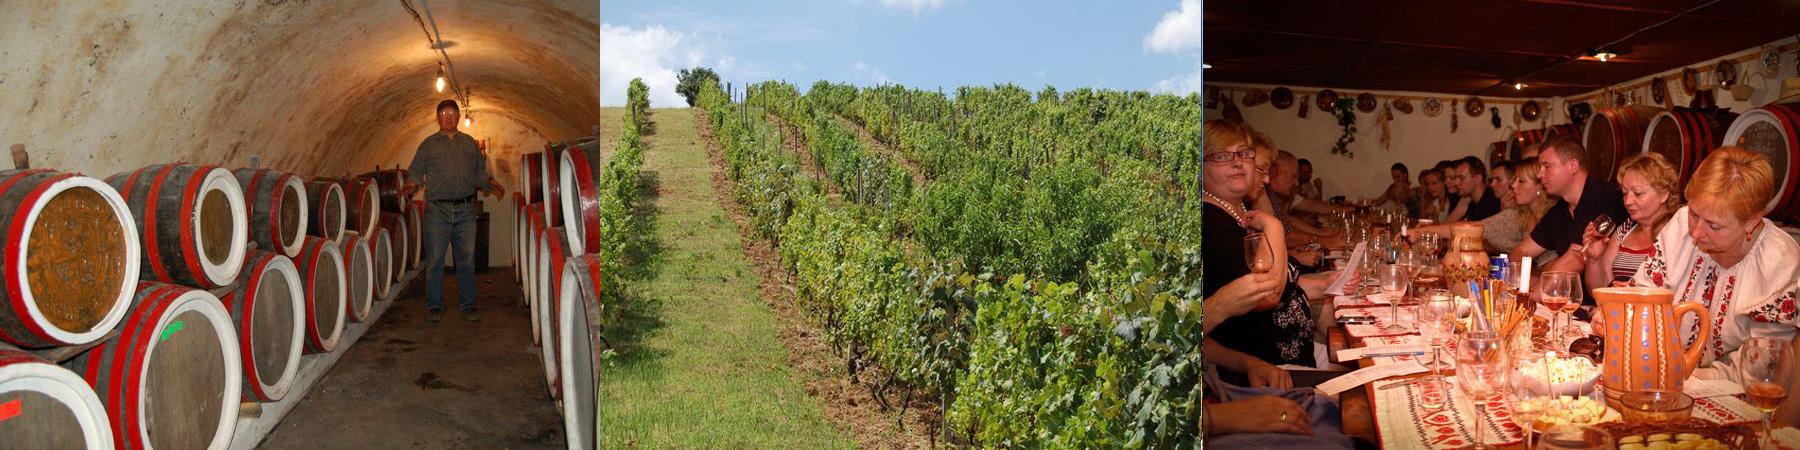 Дегустация вин в винных подвалах Карла Шоша